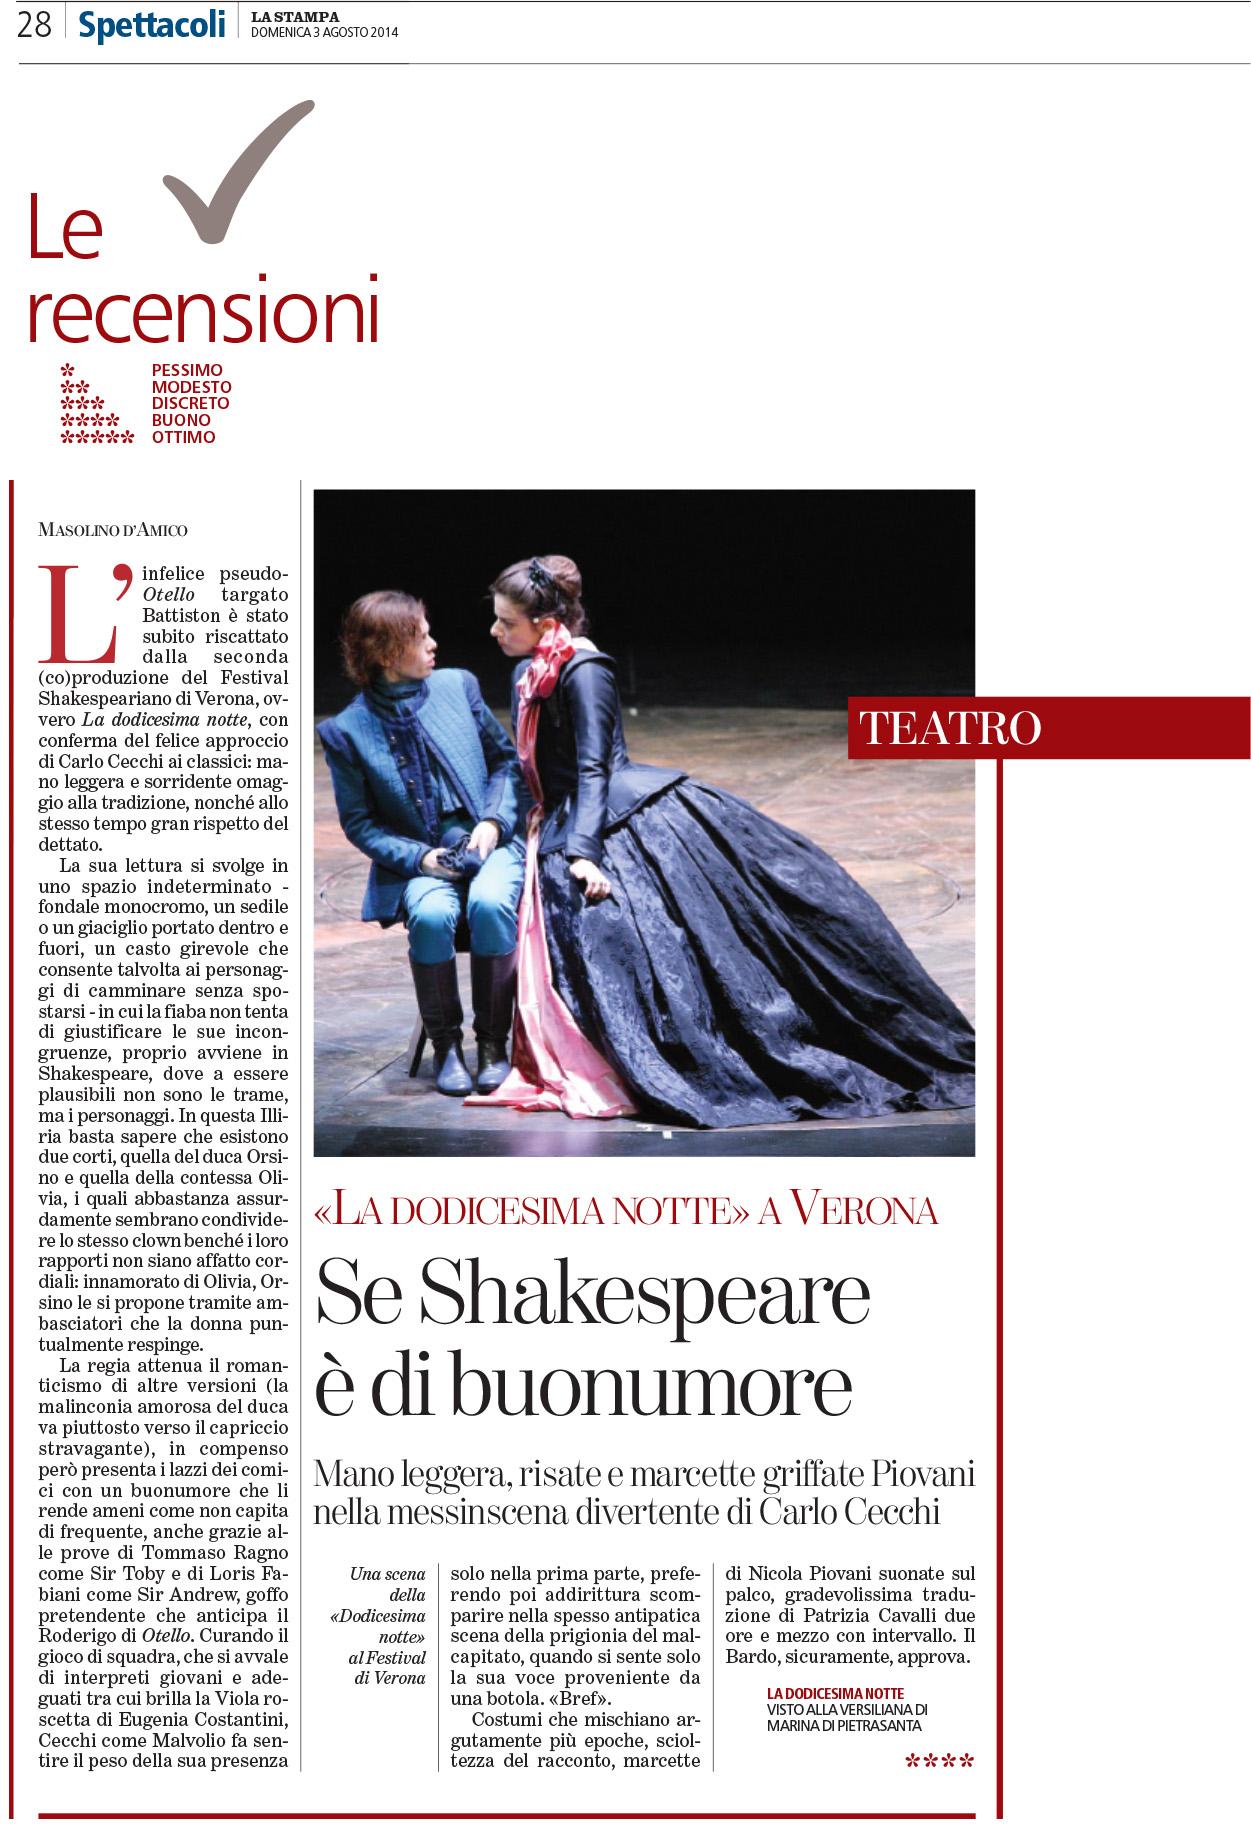 2014.08.03 Se Shakespeare è di buonumore - La Stampa